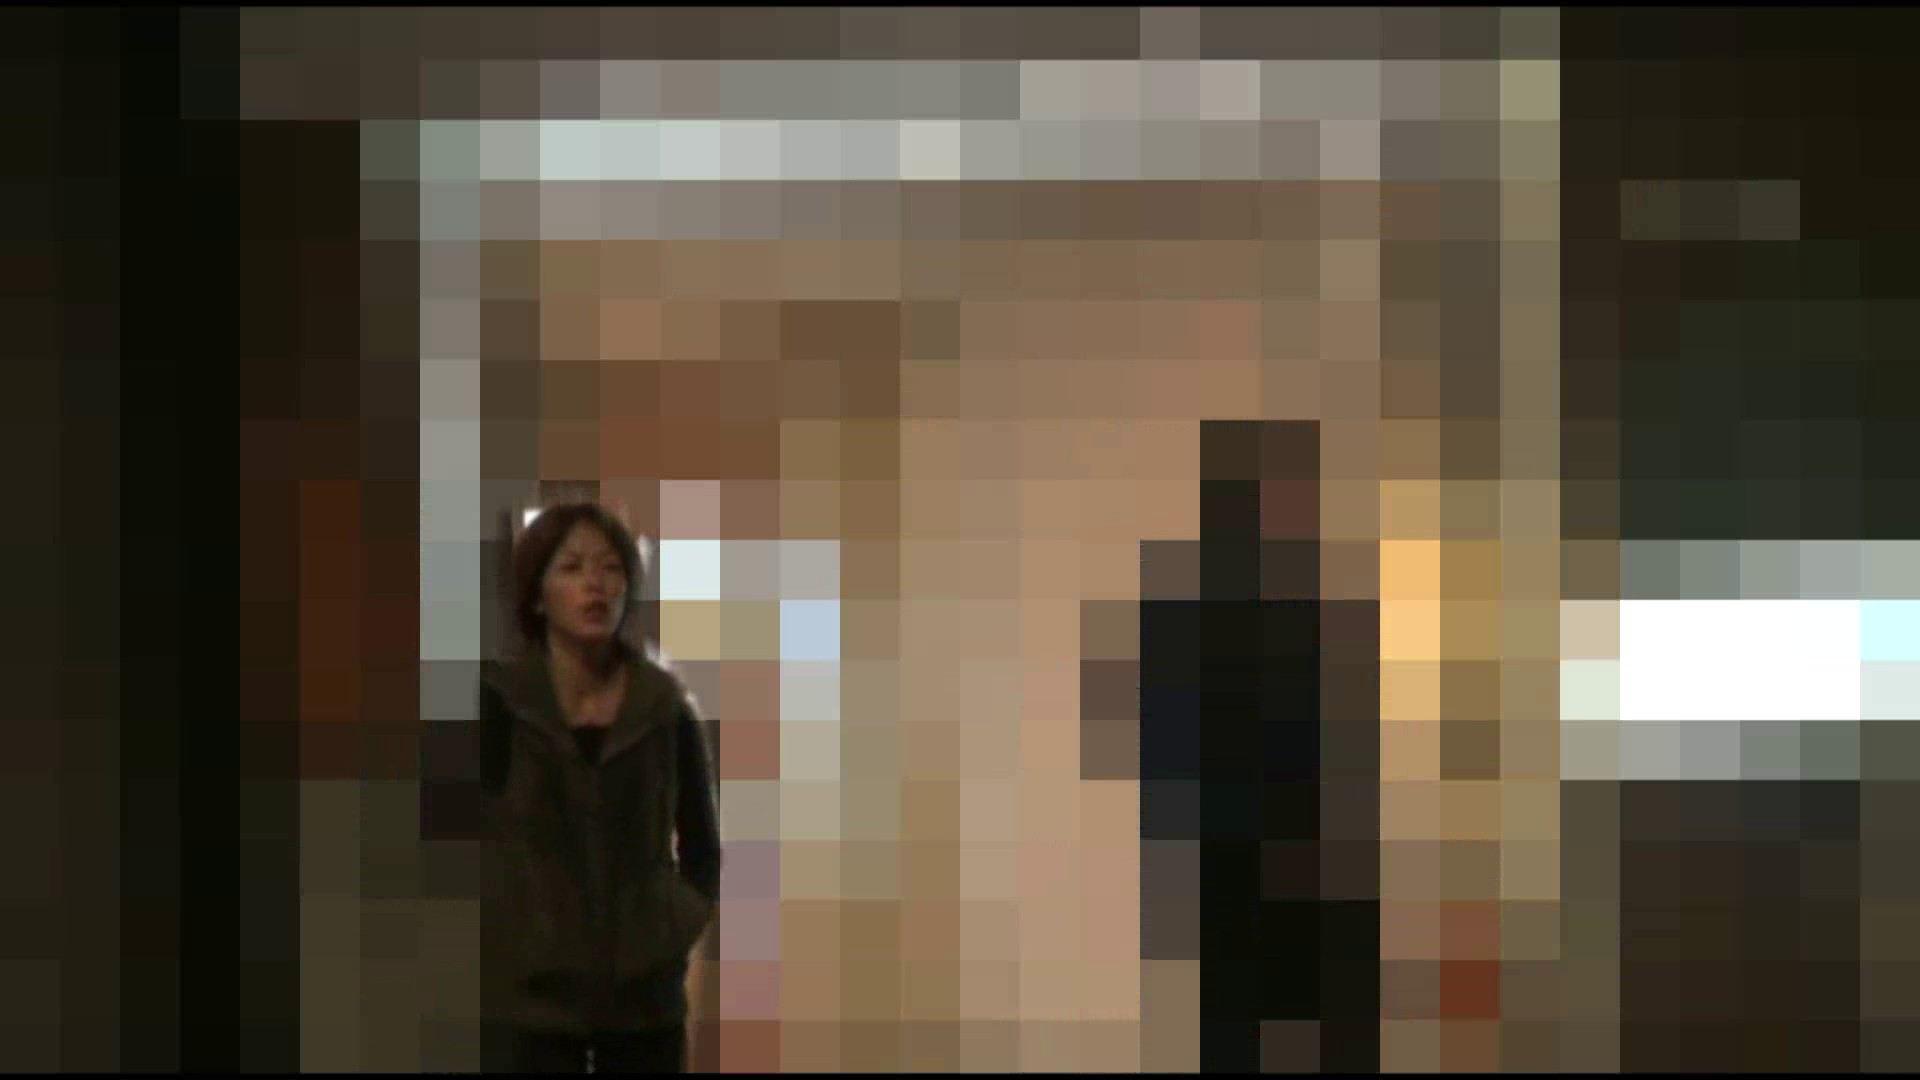 Aquaな露天風呂Vol.406 美しいOLの裸体 | 盗撮師作品  71pic 1